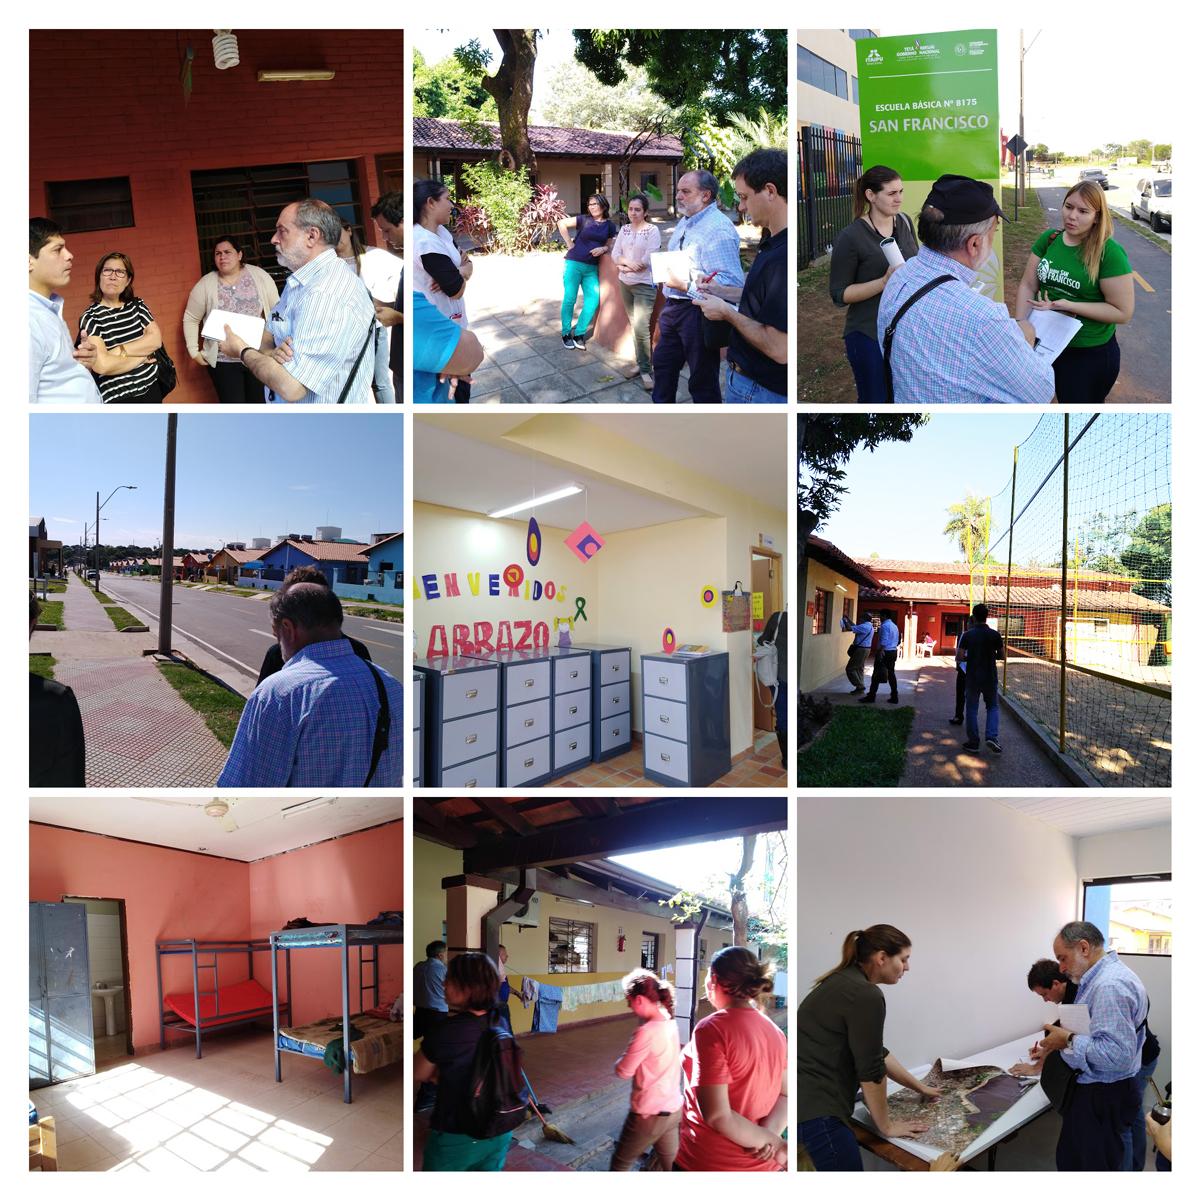 Paraguay: Recorrida por centros de atención del Instituto de Bienestar Social y visita al Barrio San Francisco